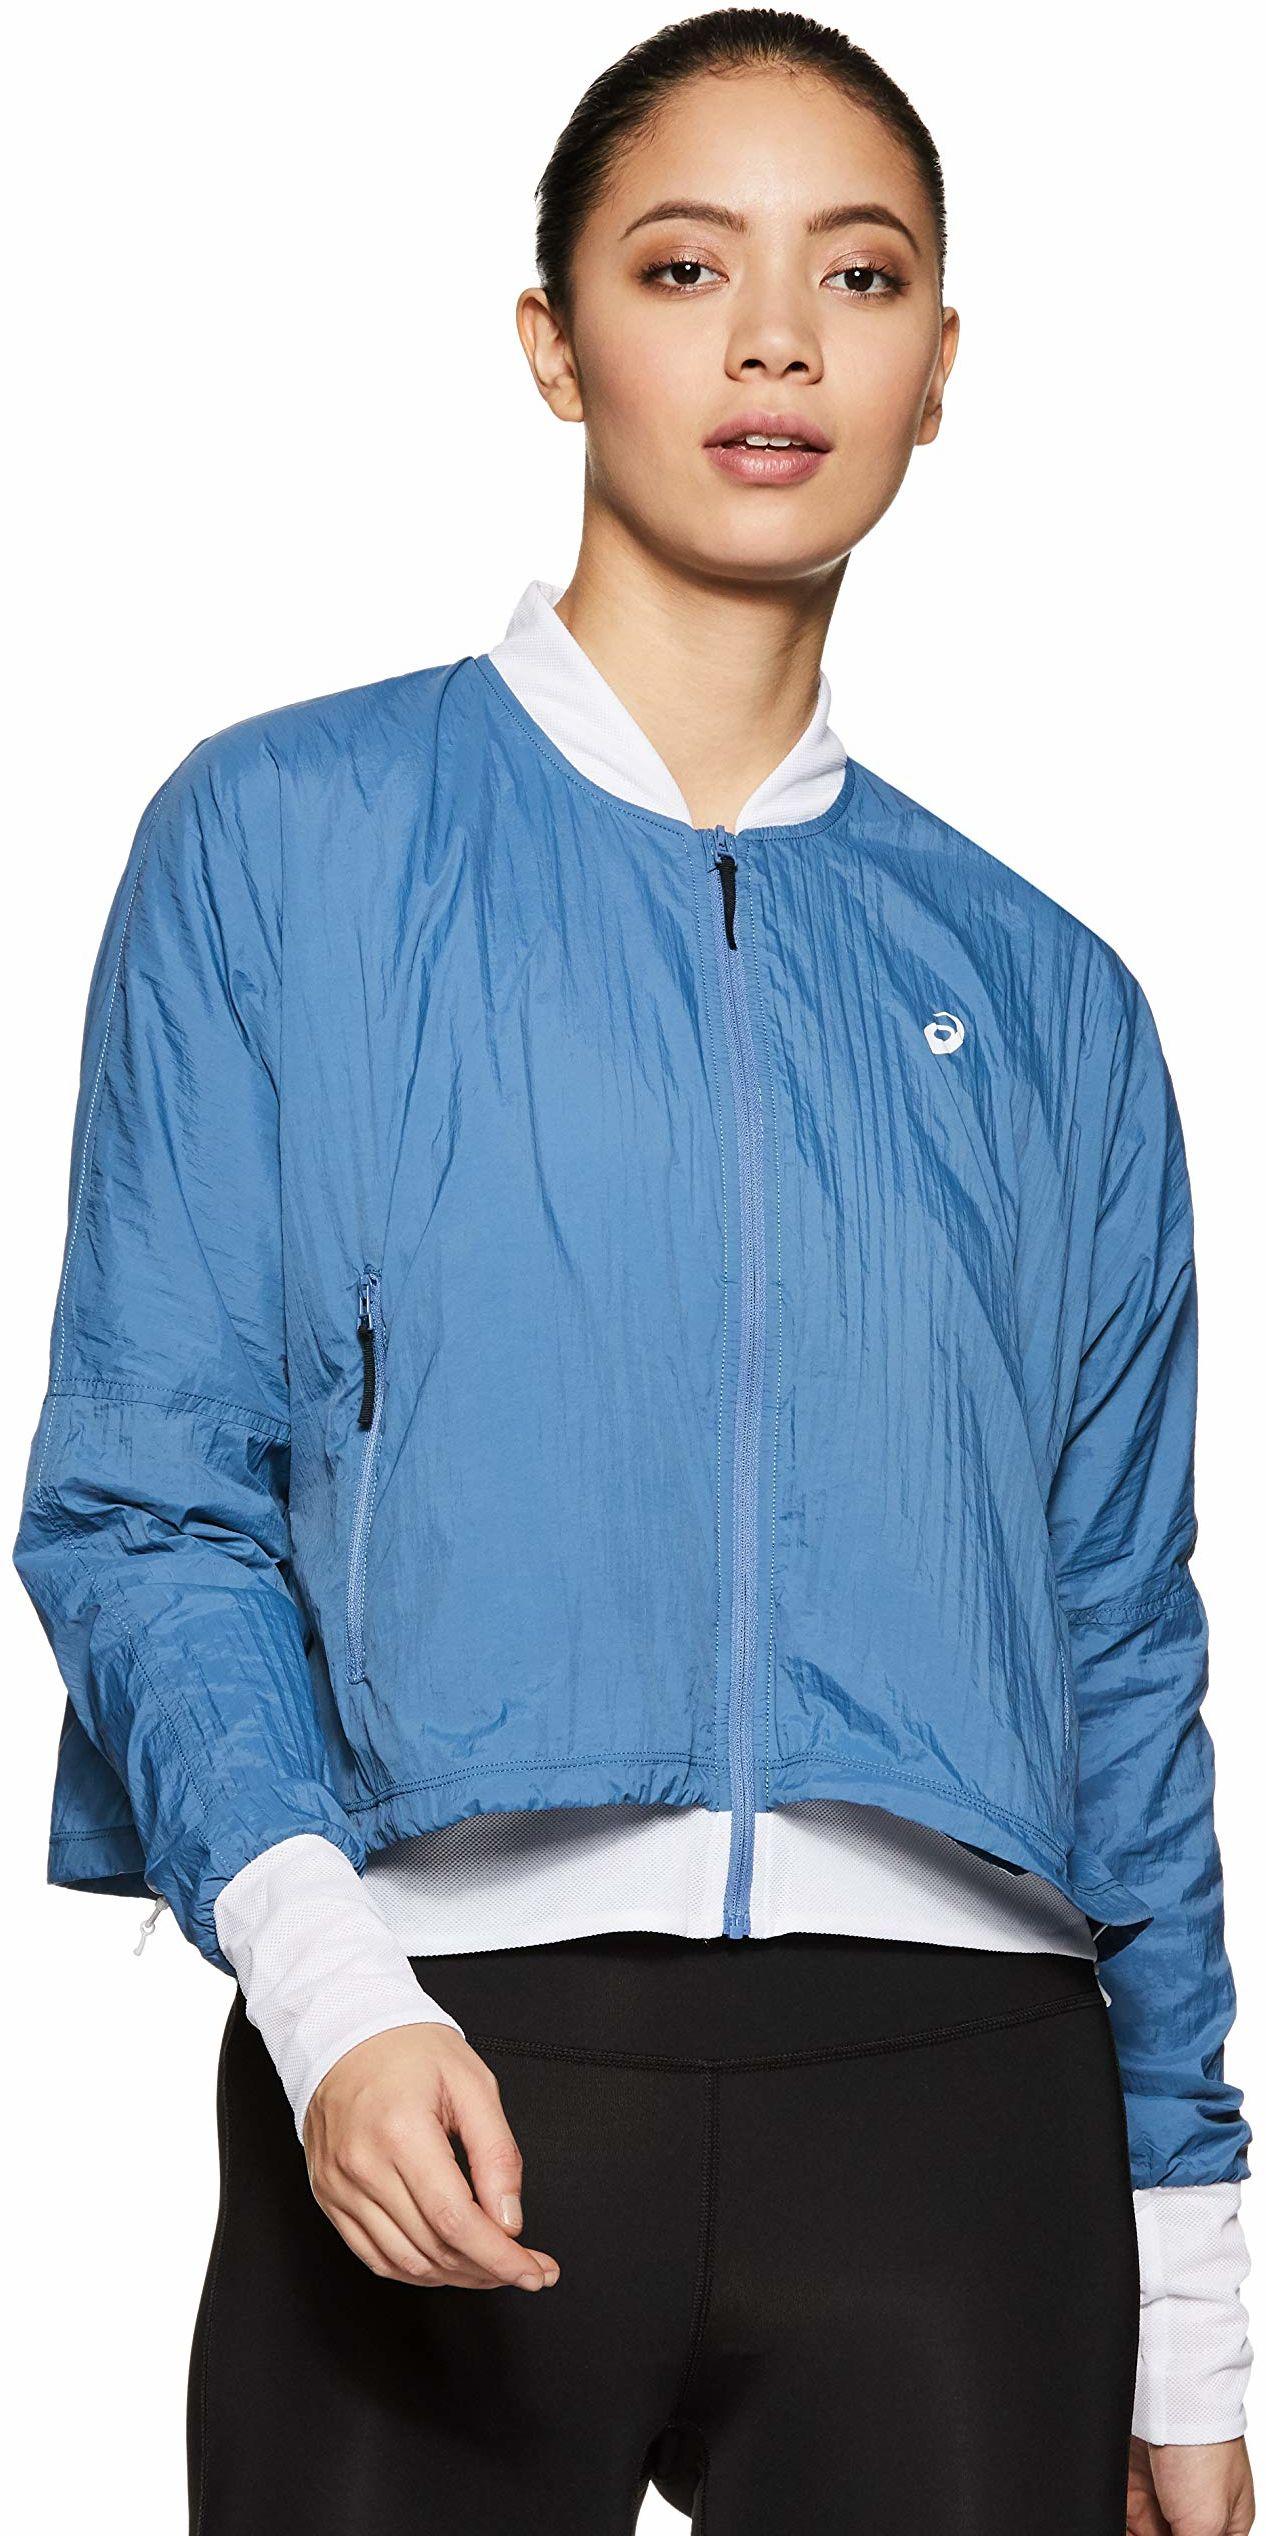 Asics damska kurtka treningowa, jasnoniebieska, jasnoszara, L, L